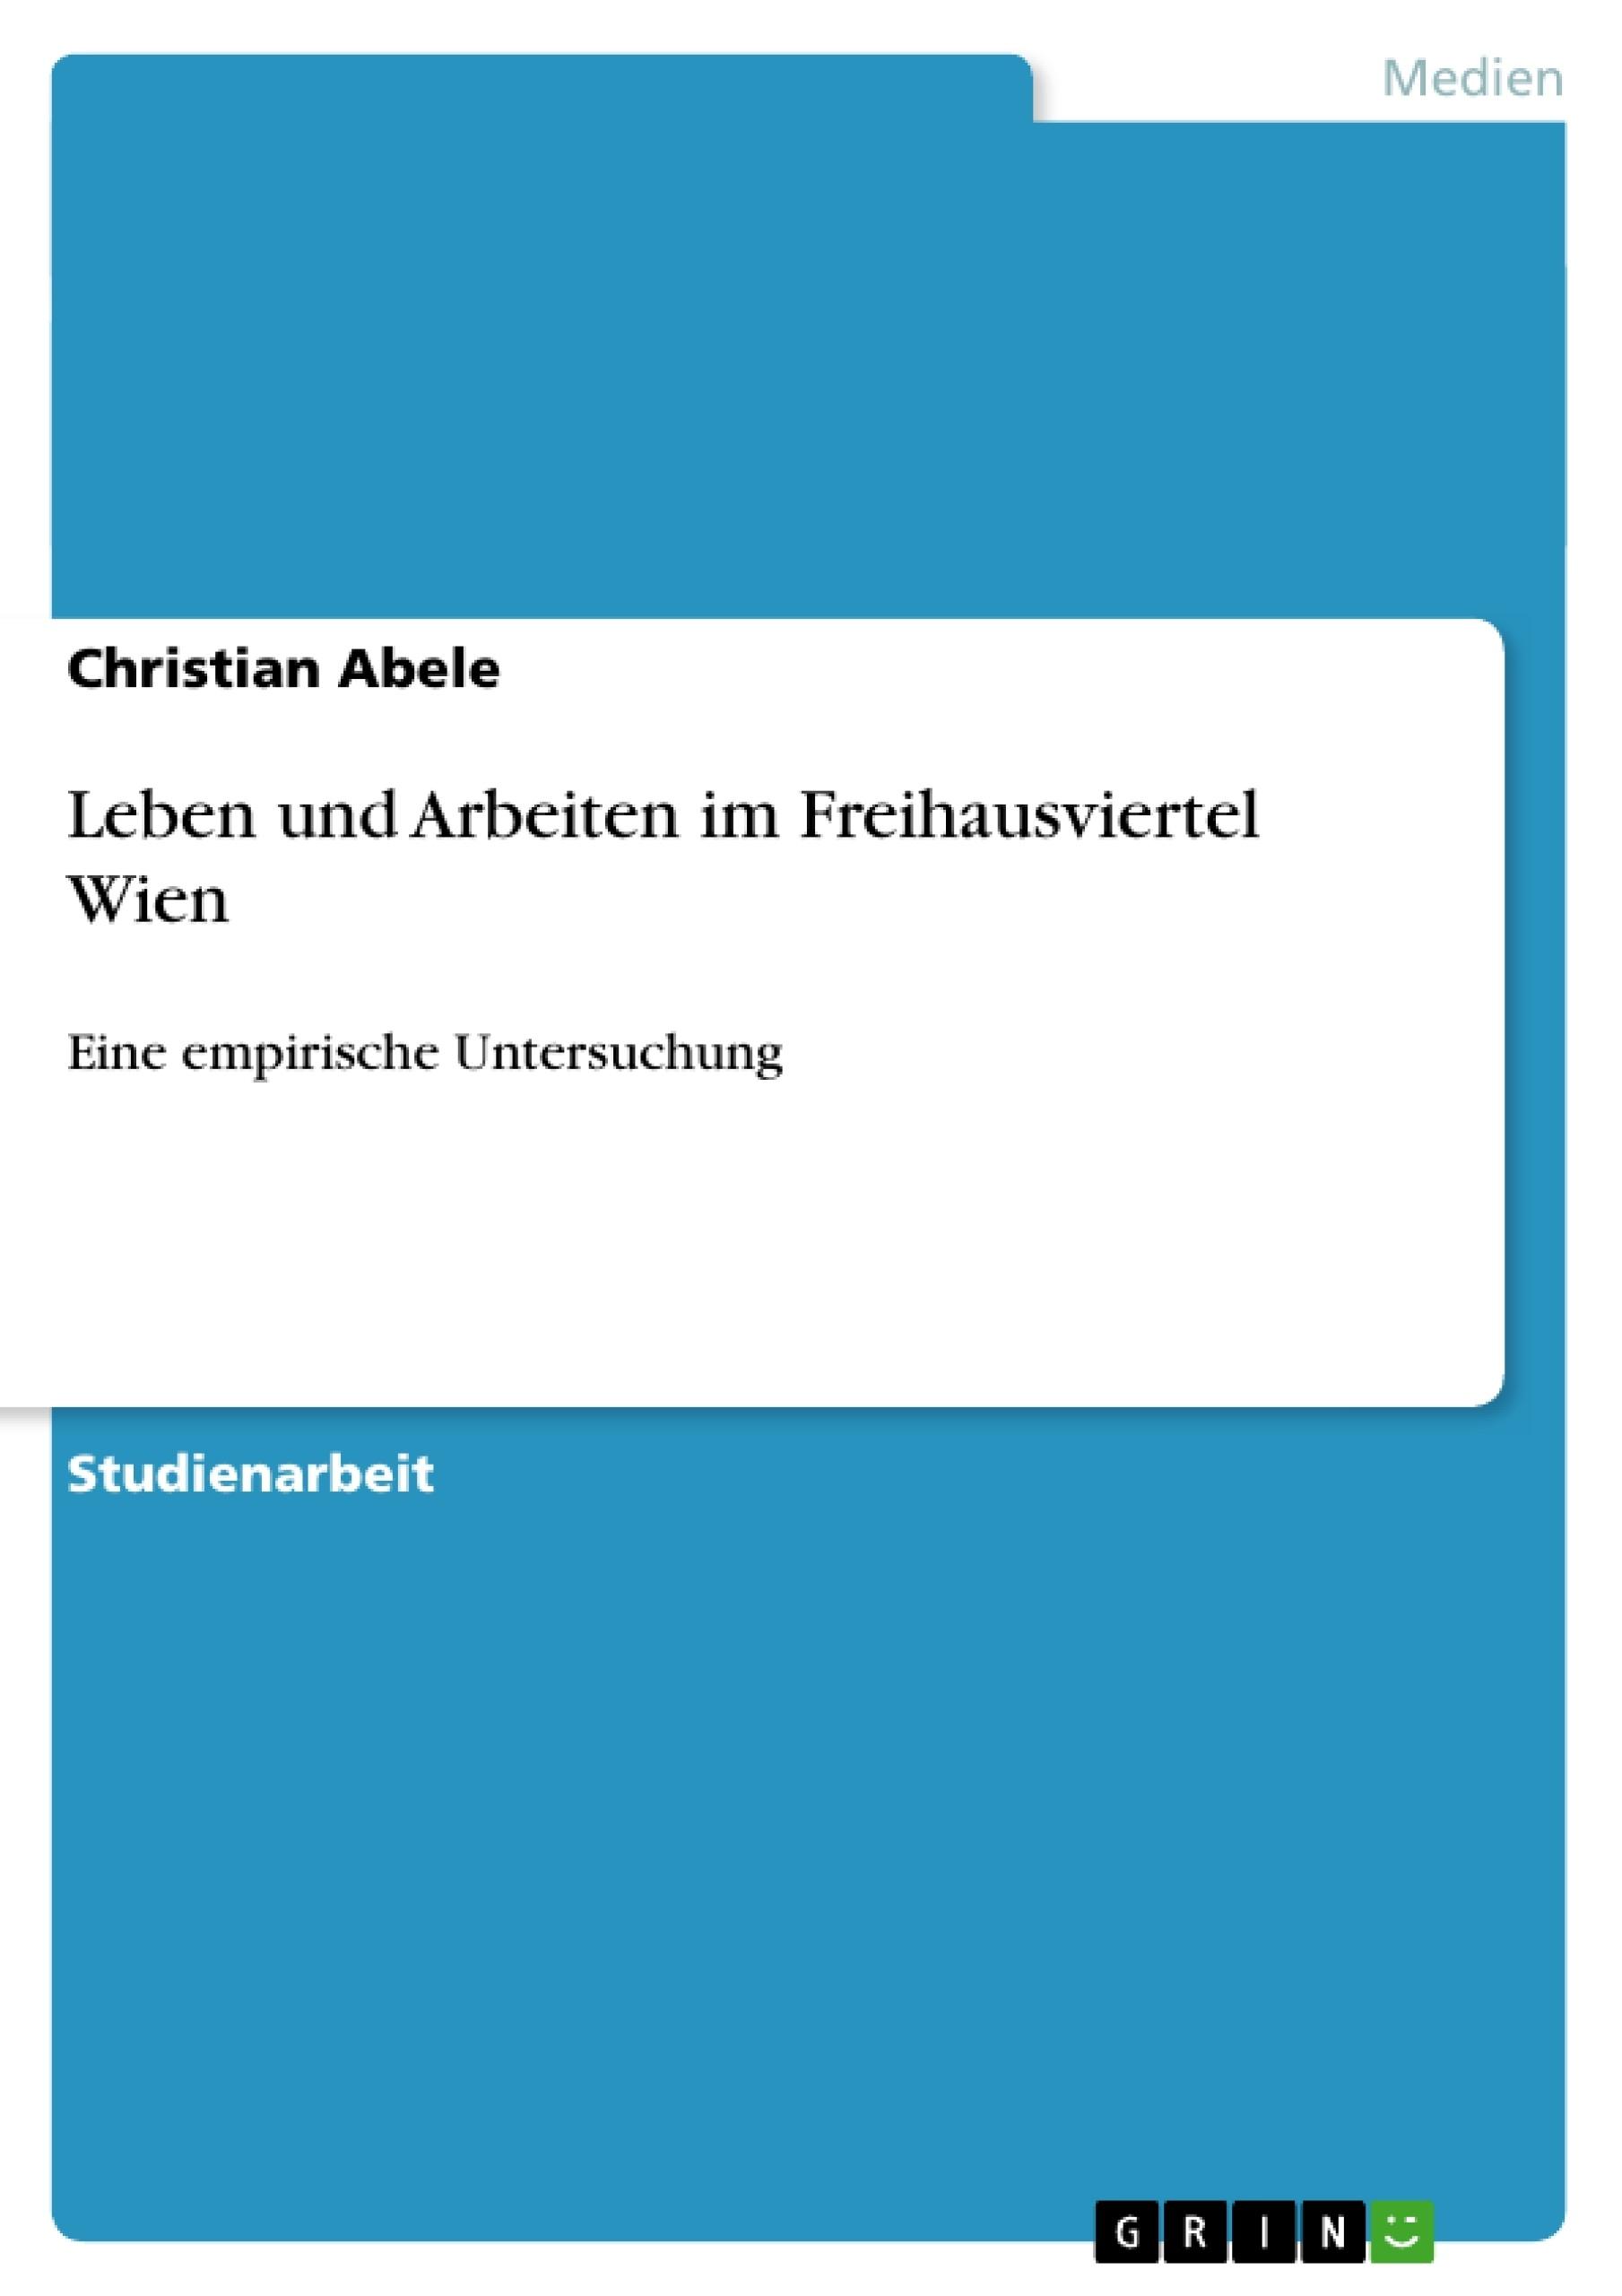 Titel: Leben und Arbeiten im Freihausviertel Wien